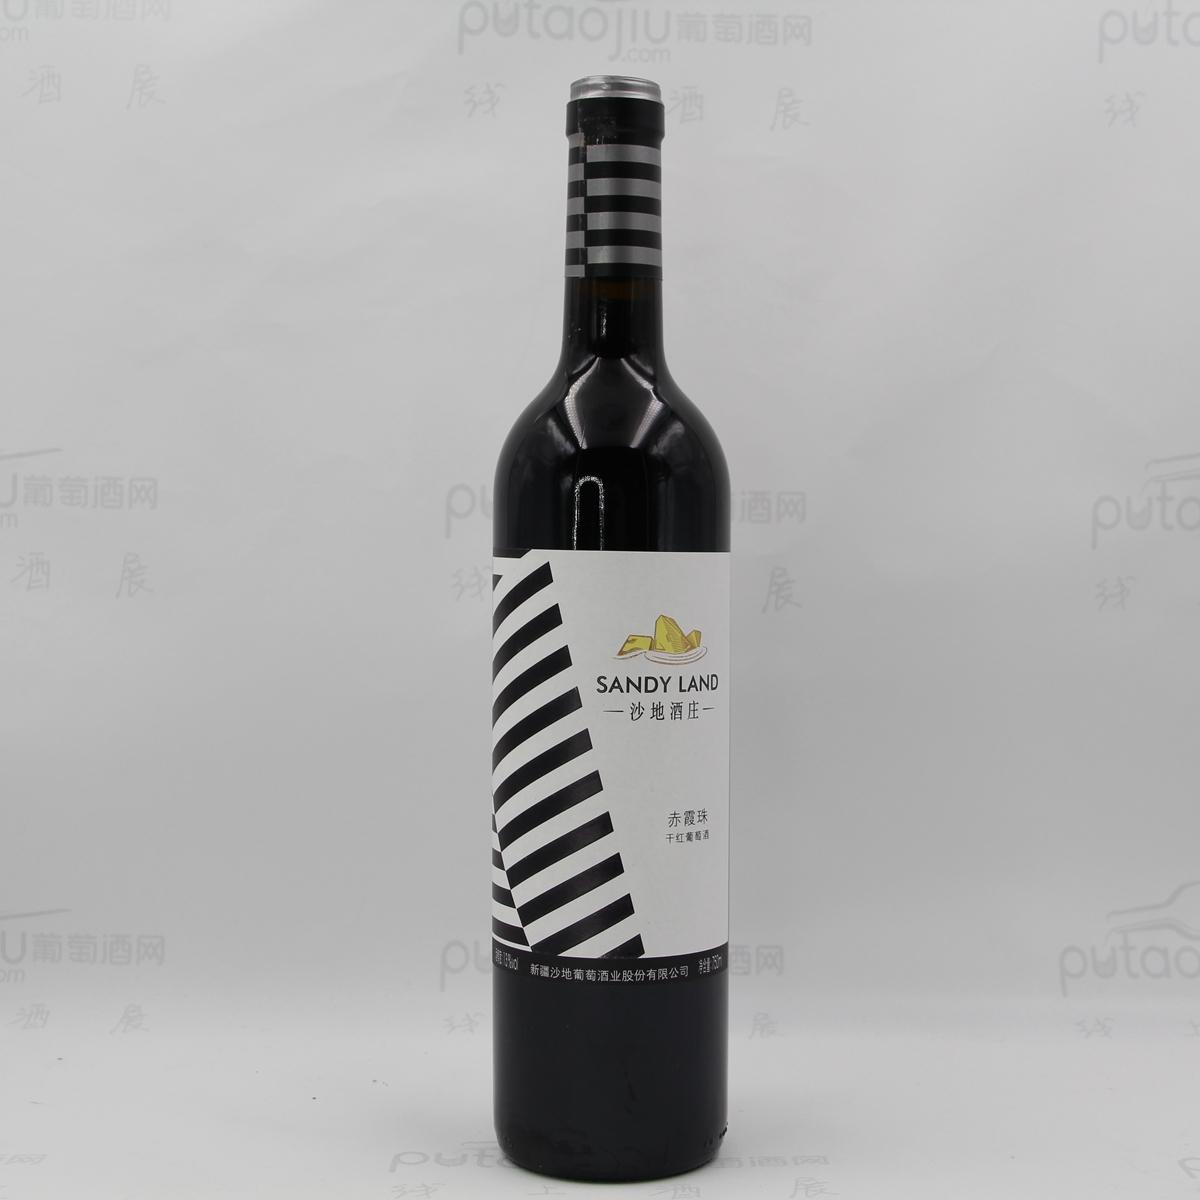 沙地酒庄 赤霞珠干红葡萄酒